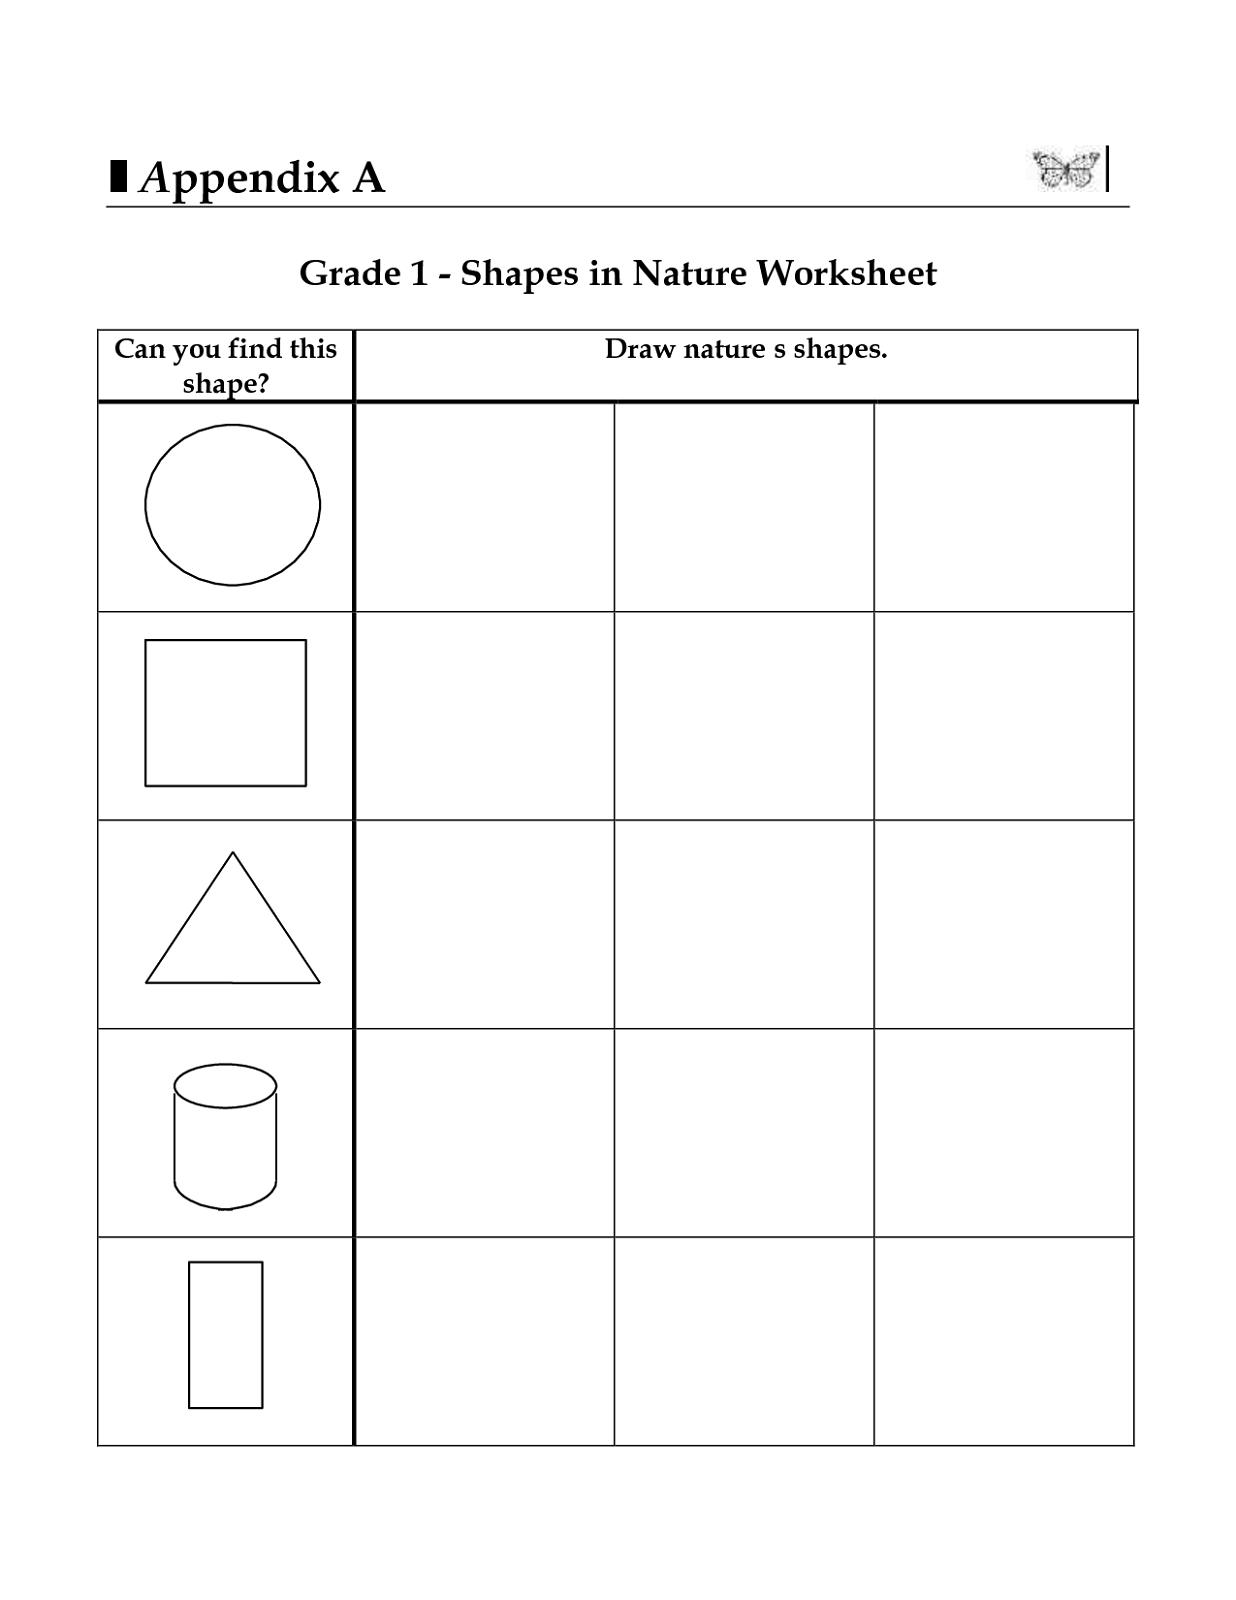 basic shapes worksheets for kids kiddo shelter kids worksheets printable math sheets. Black Bedroom Furniture Sets. Home Design Ideas